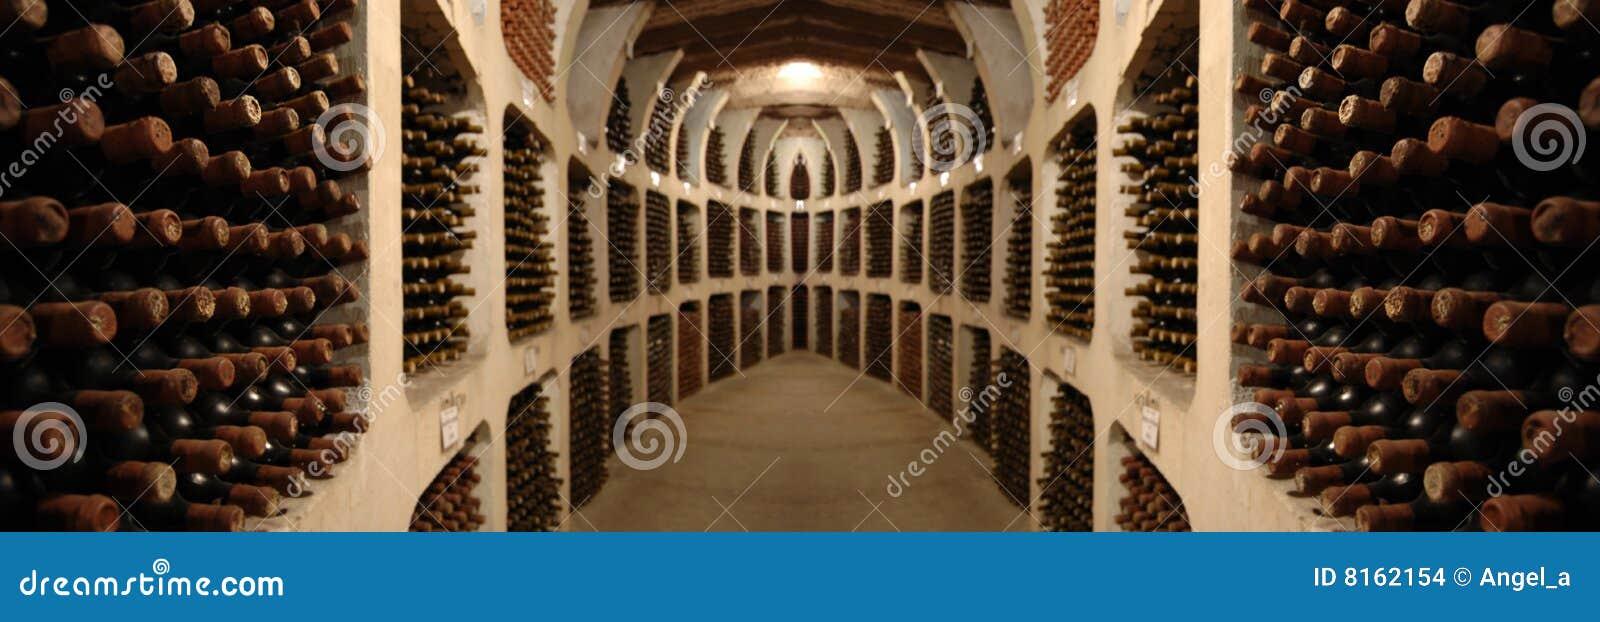 Oude wijnkelder stock afbeeldingen afbeelding 8162154 - Wijnkelder ...